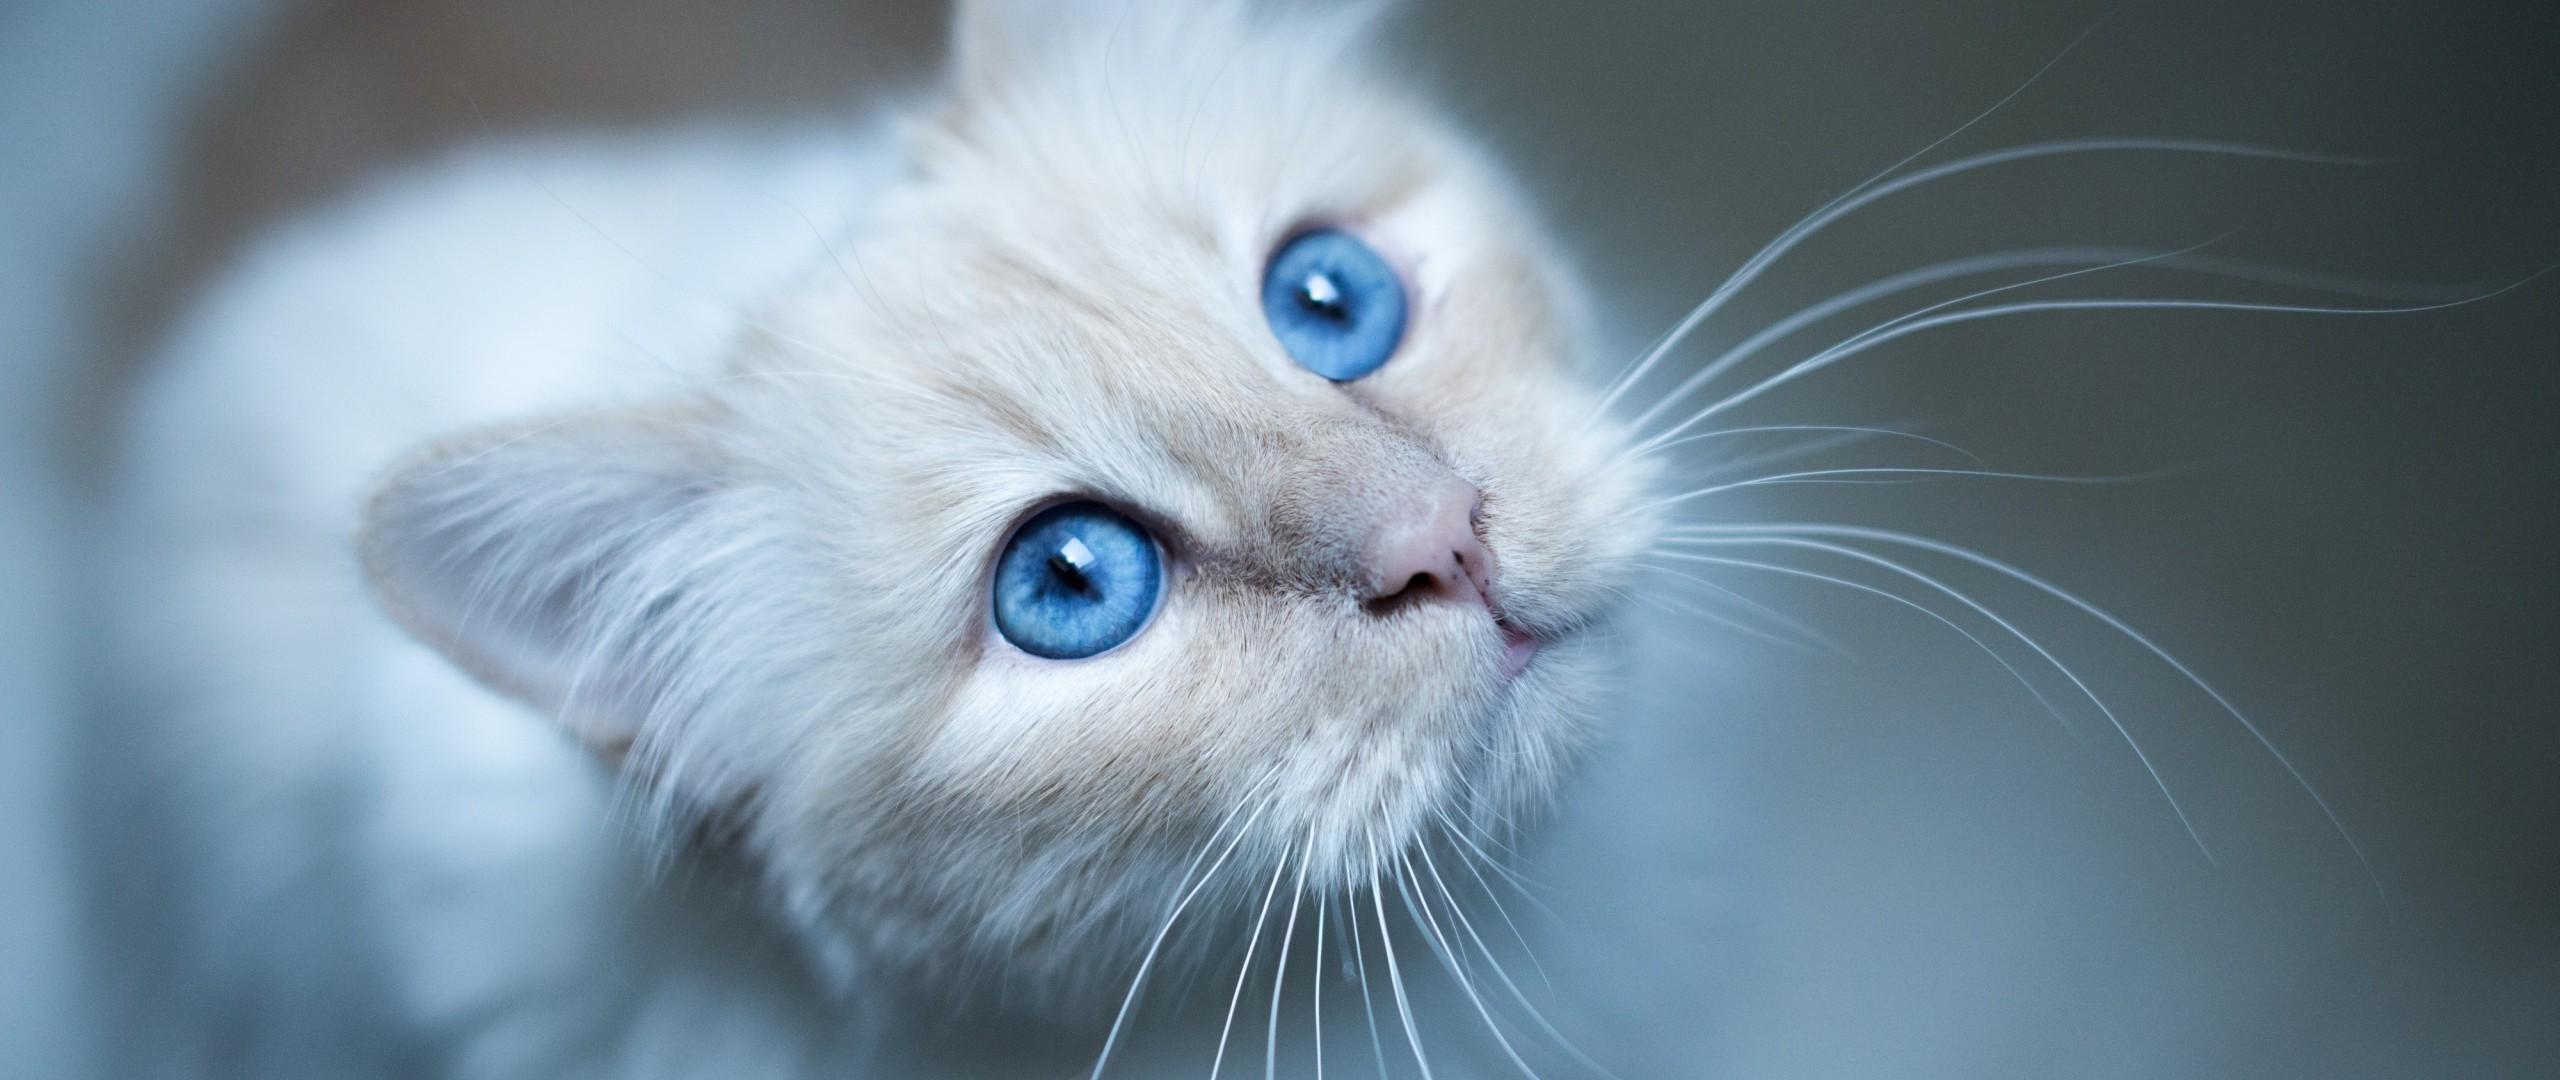 デスクトップ壁紙 ネコ 青 鼻 ウィスカー 肌 眼 子猫 哺乳類